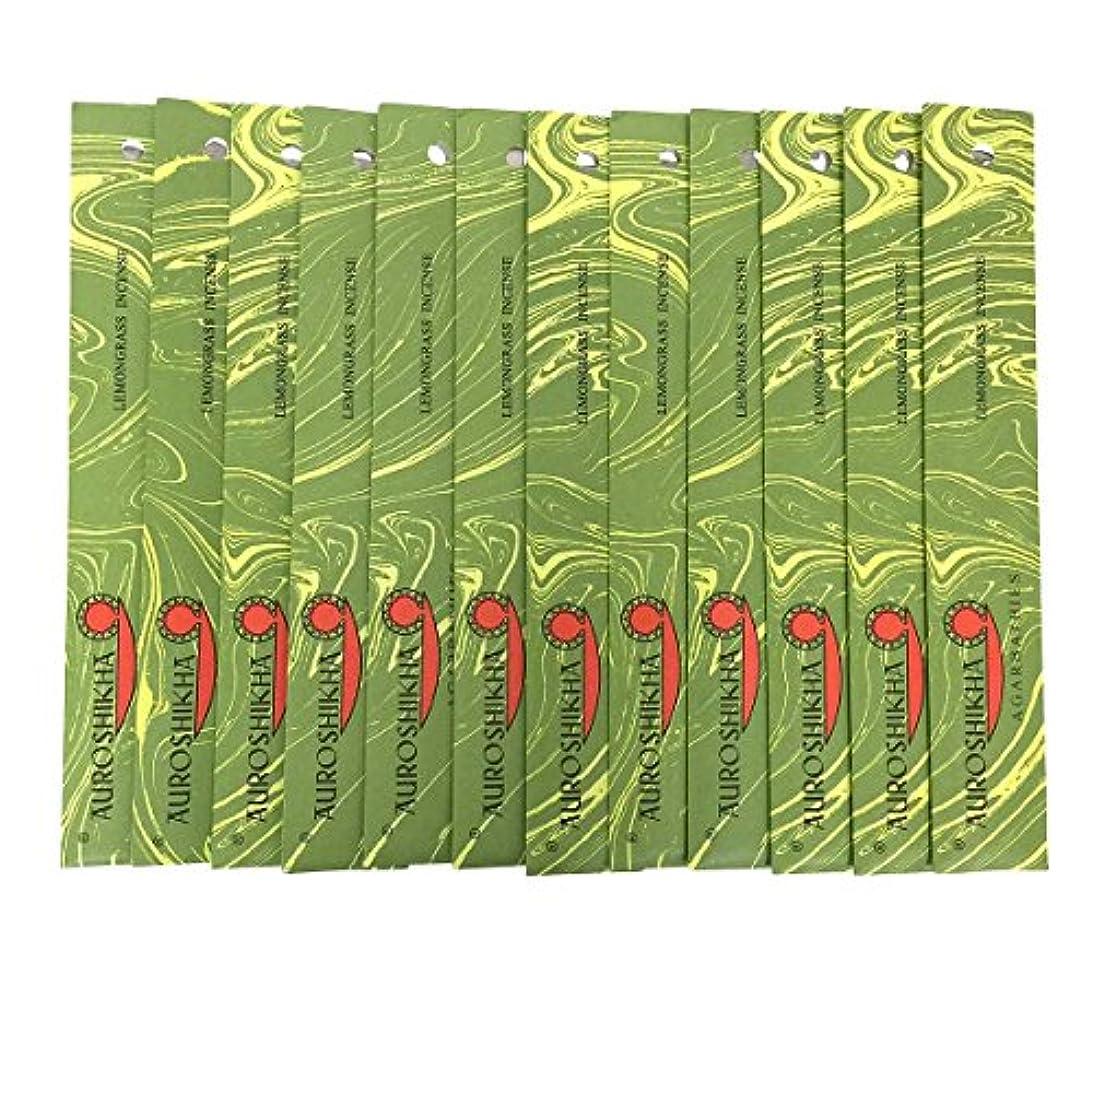 ボイラー大佐見込みAUROSHIKHA オウロシカ(LEMONGRASSレモングラス12個セット) マーブルパッケージスティック 送料無料